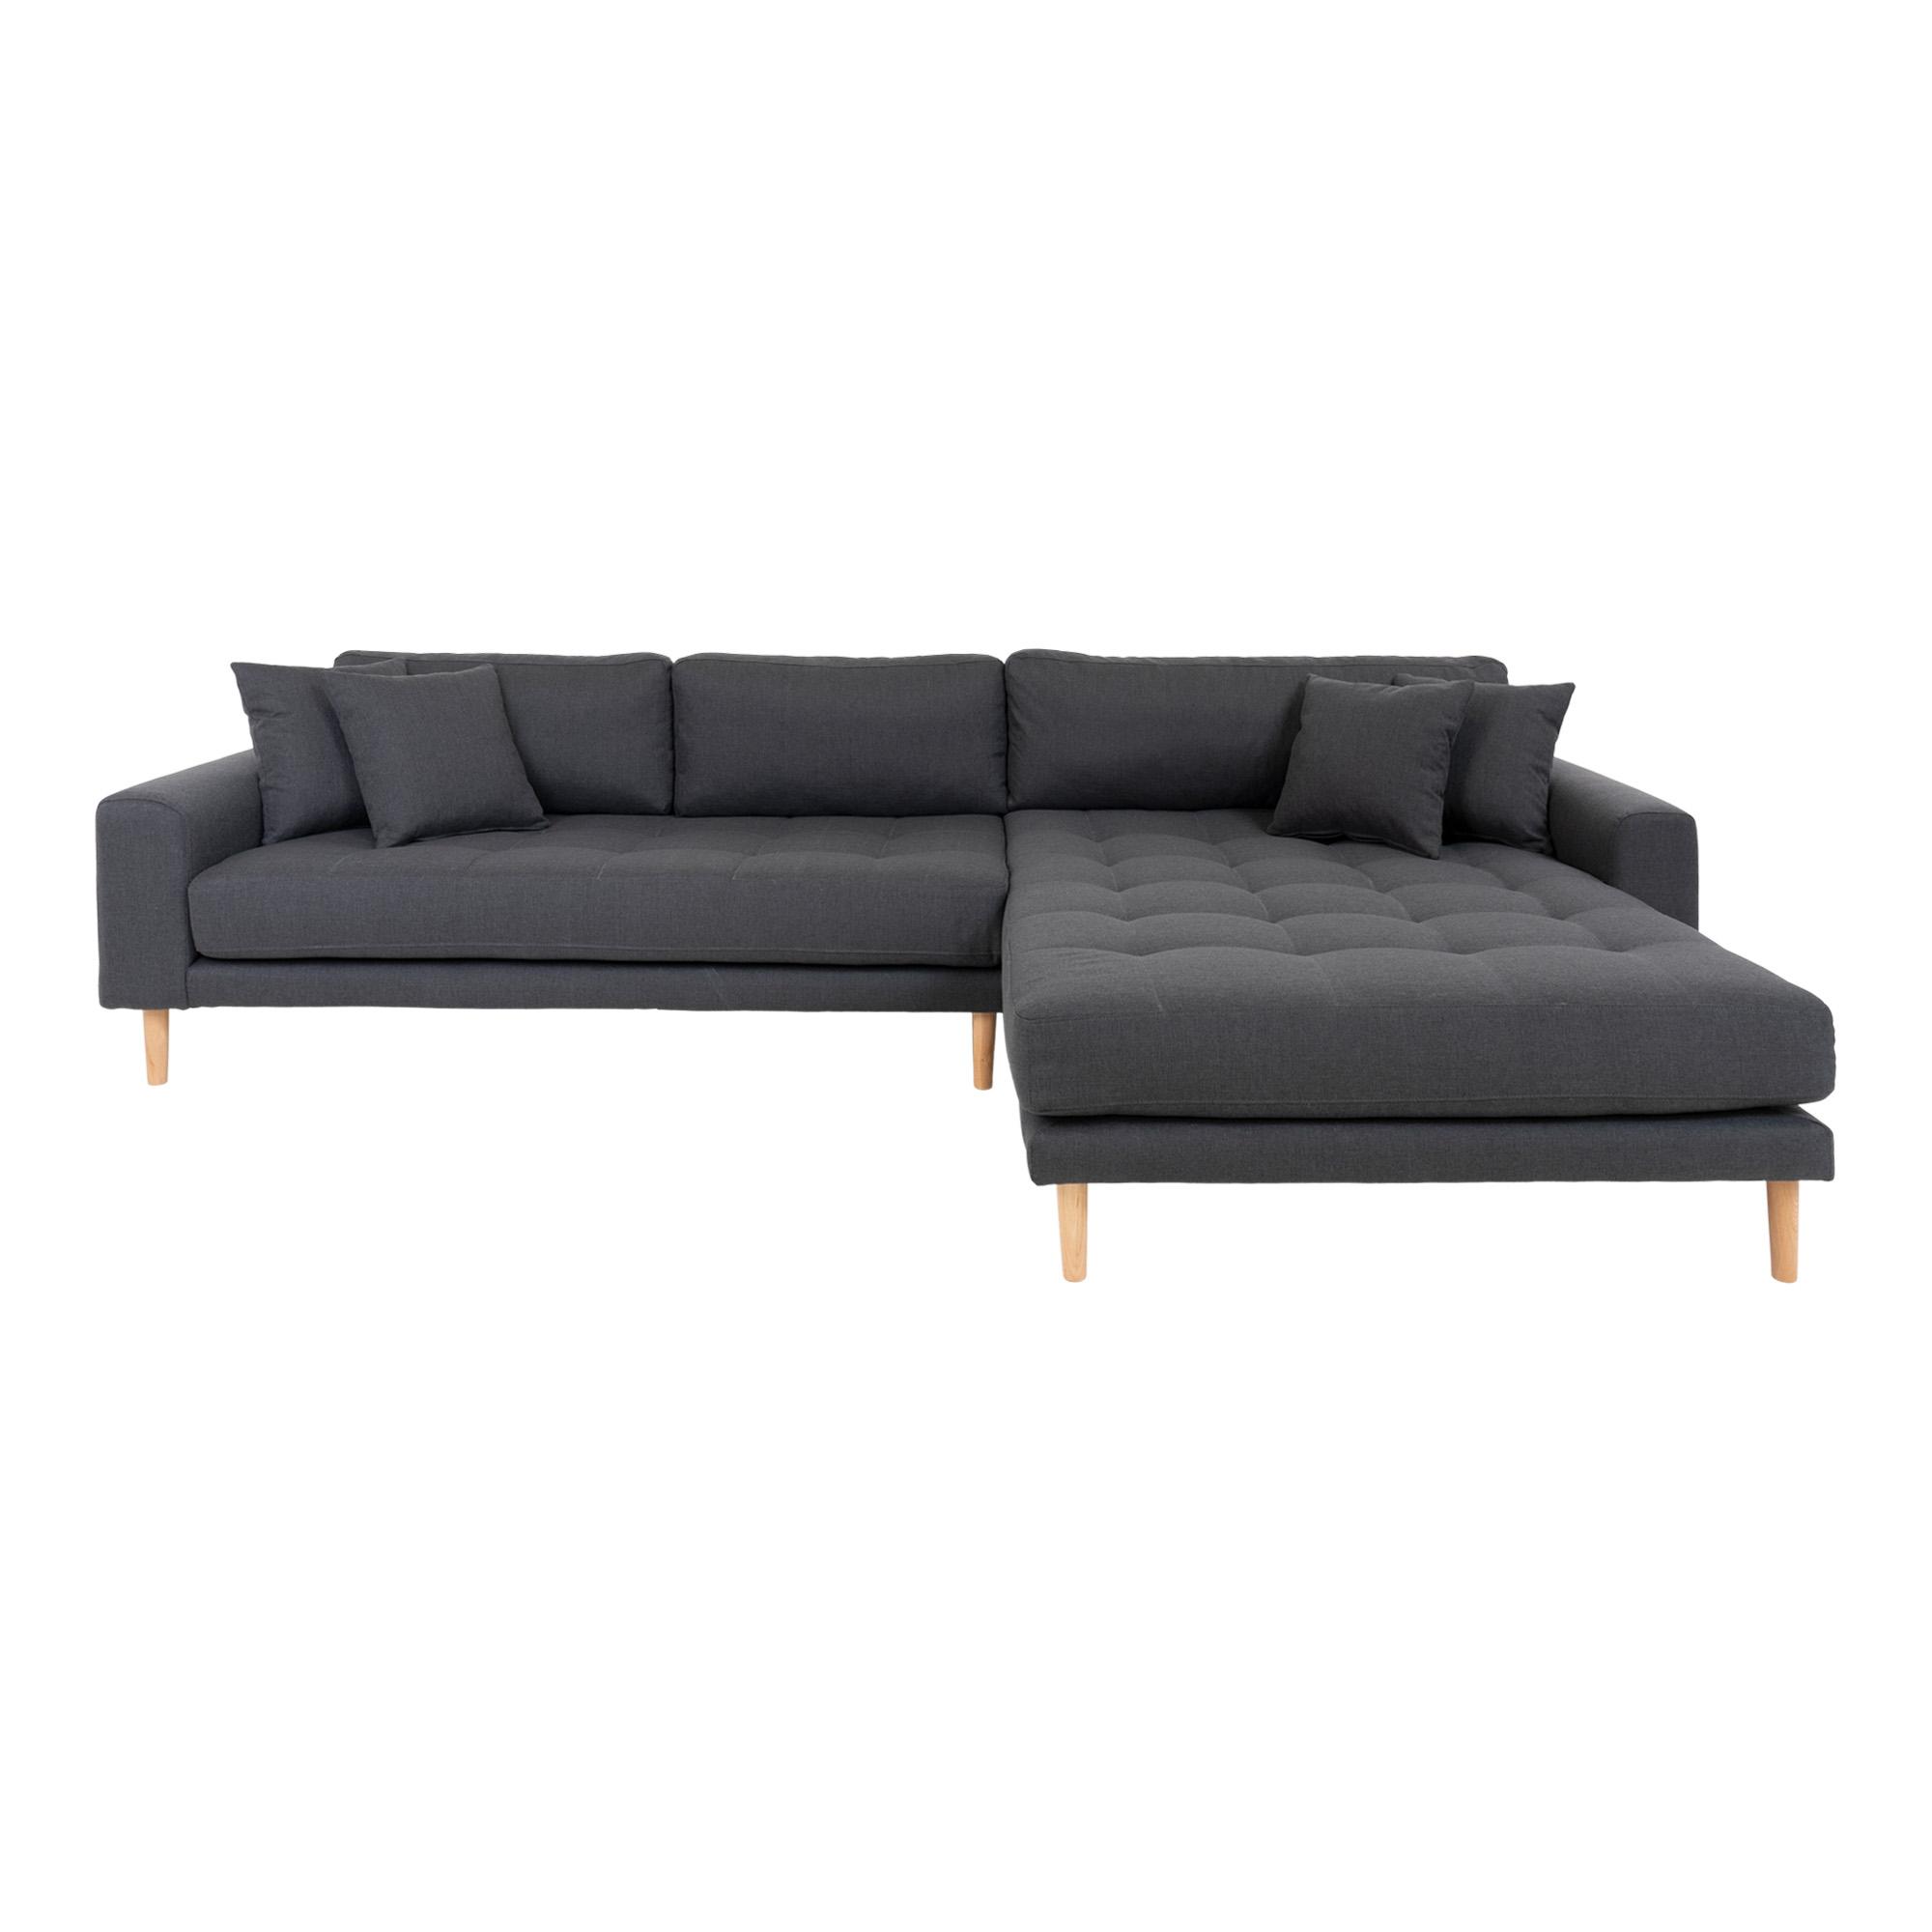 HOUSE NORDIC Lido sofa, m. højrevendt chaiselong - mørkegrå polyester